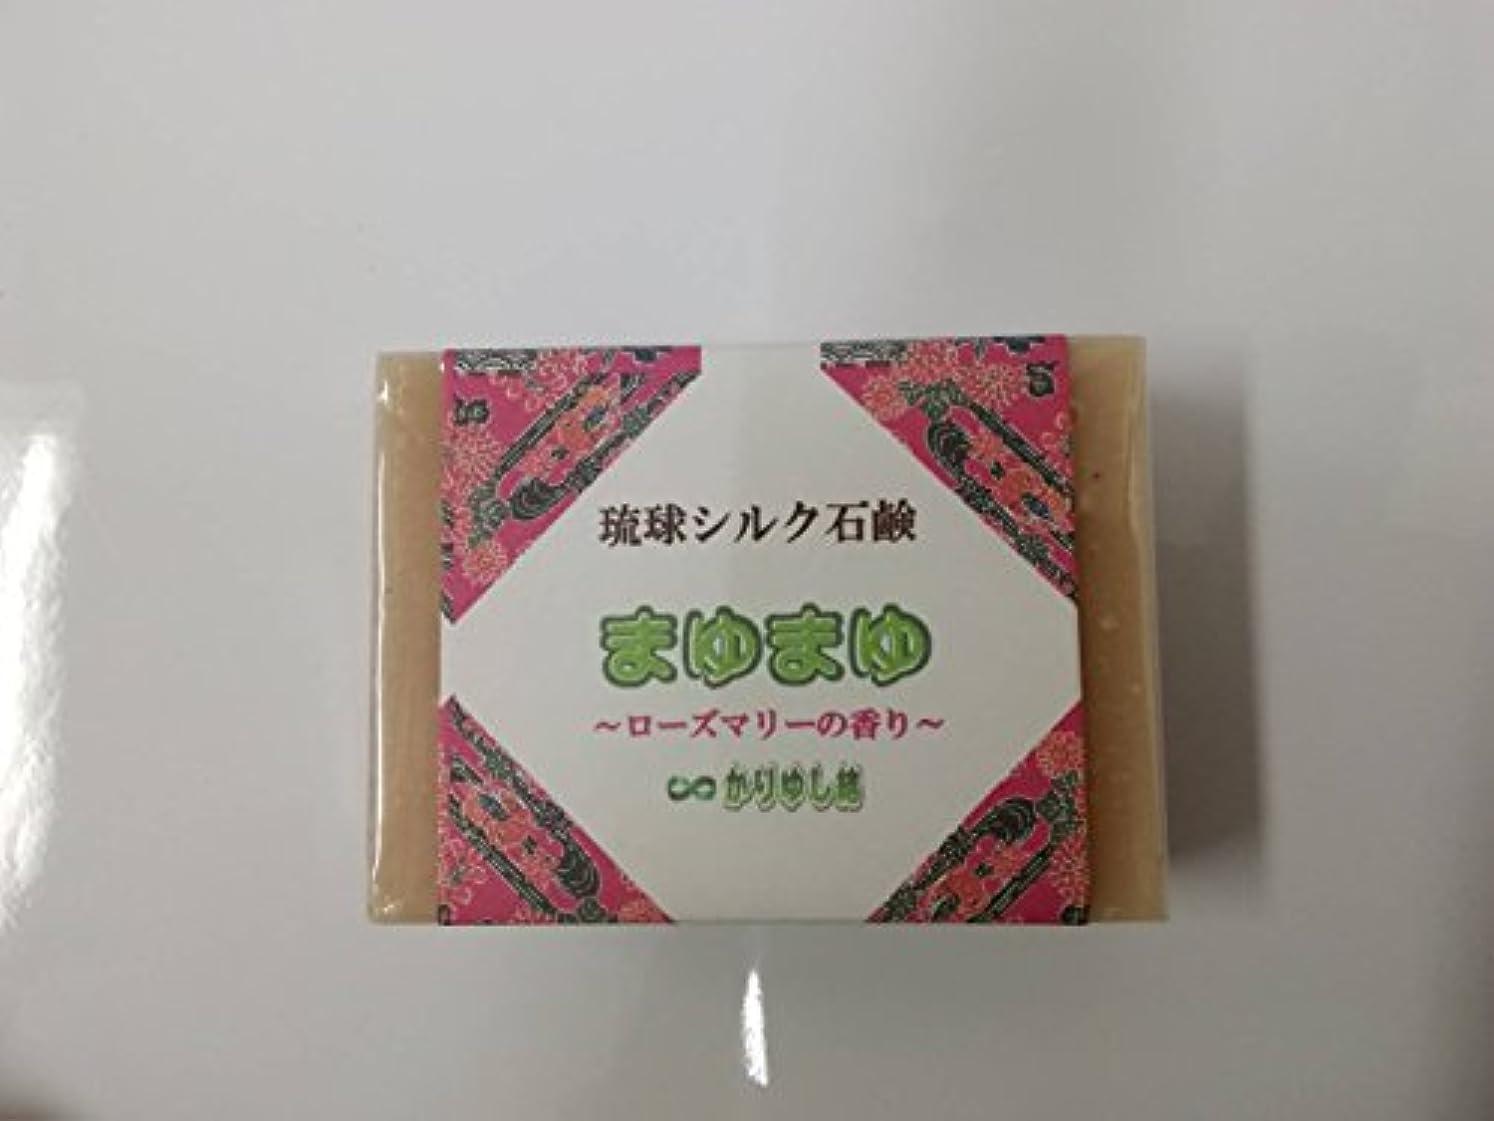 妥協お風呂を持っている空いている琉球シルク石鹸 まゆまゆ ピンクカオリン ローズマリーの香り